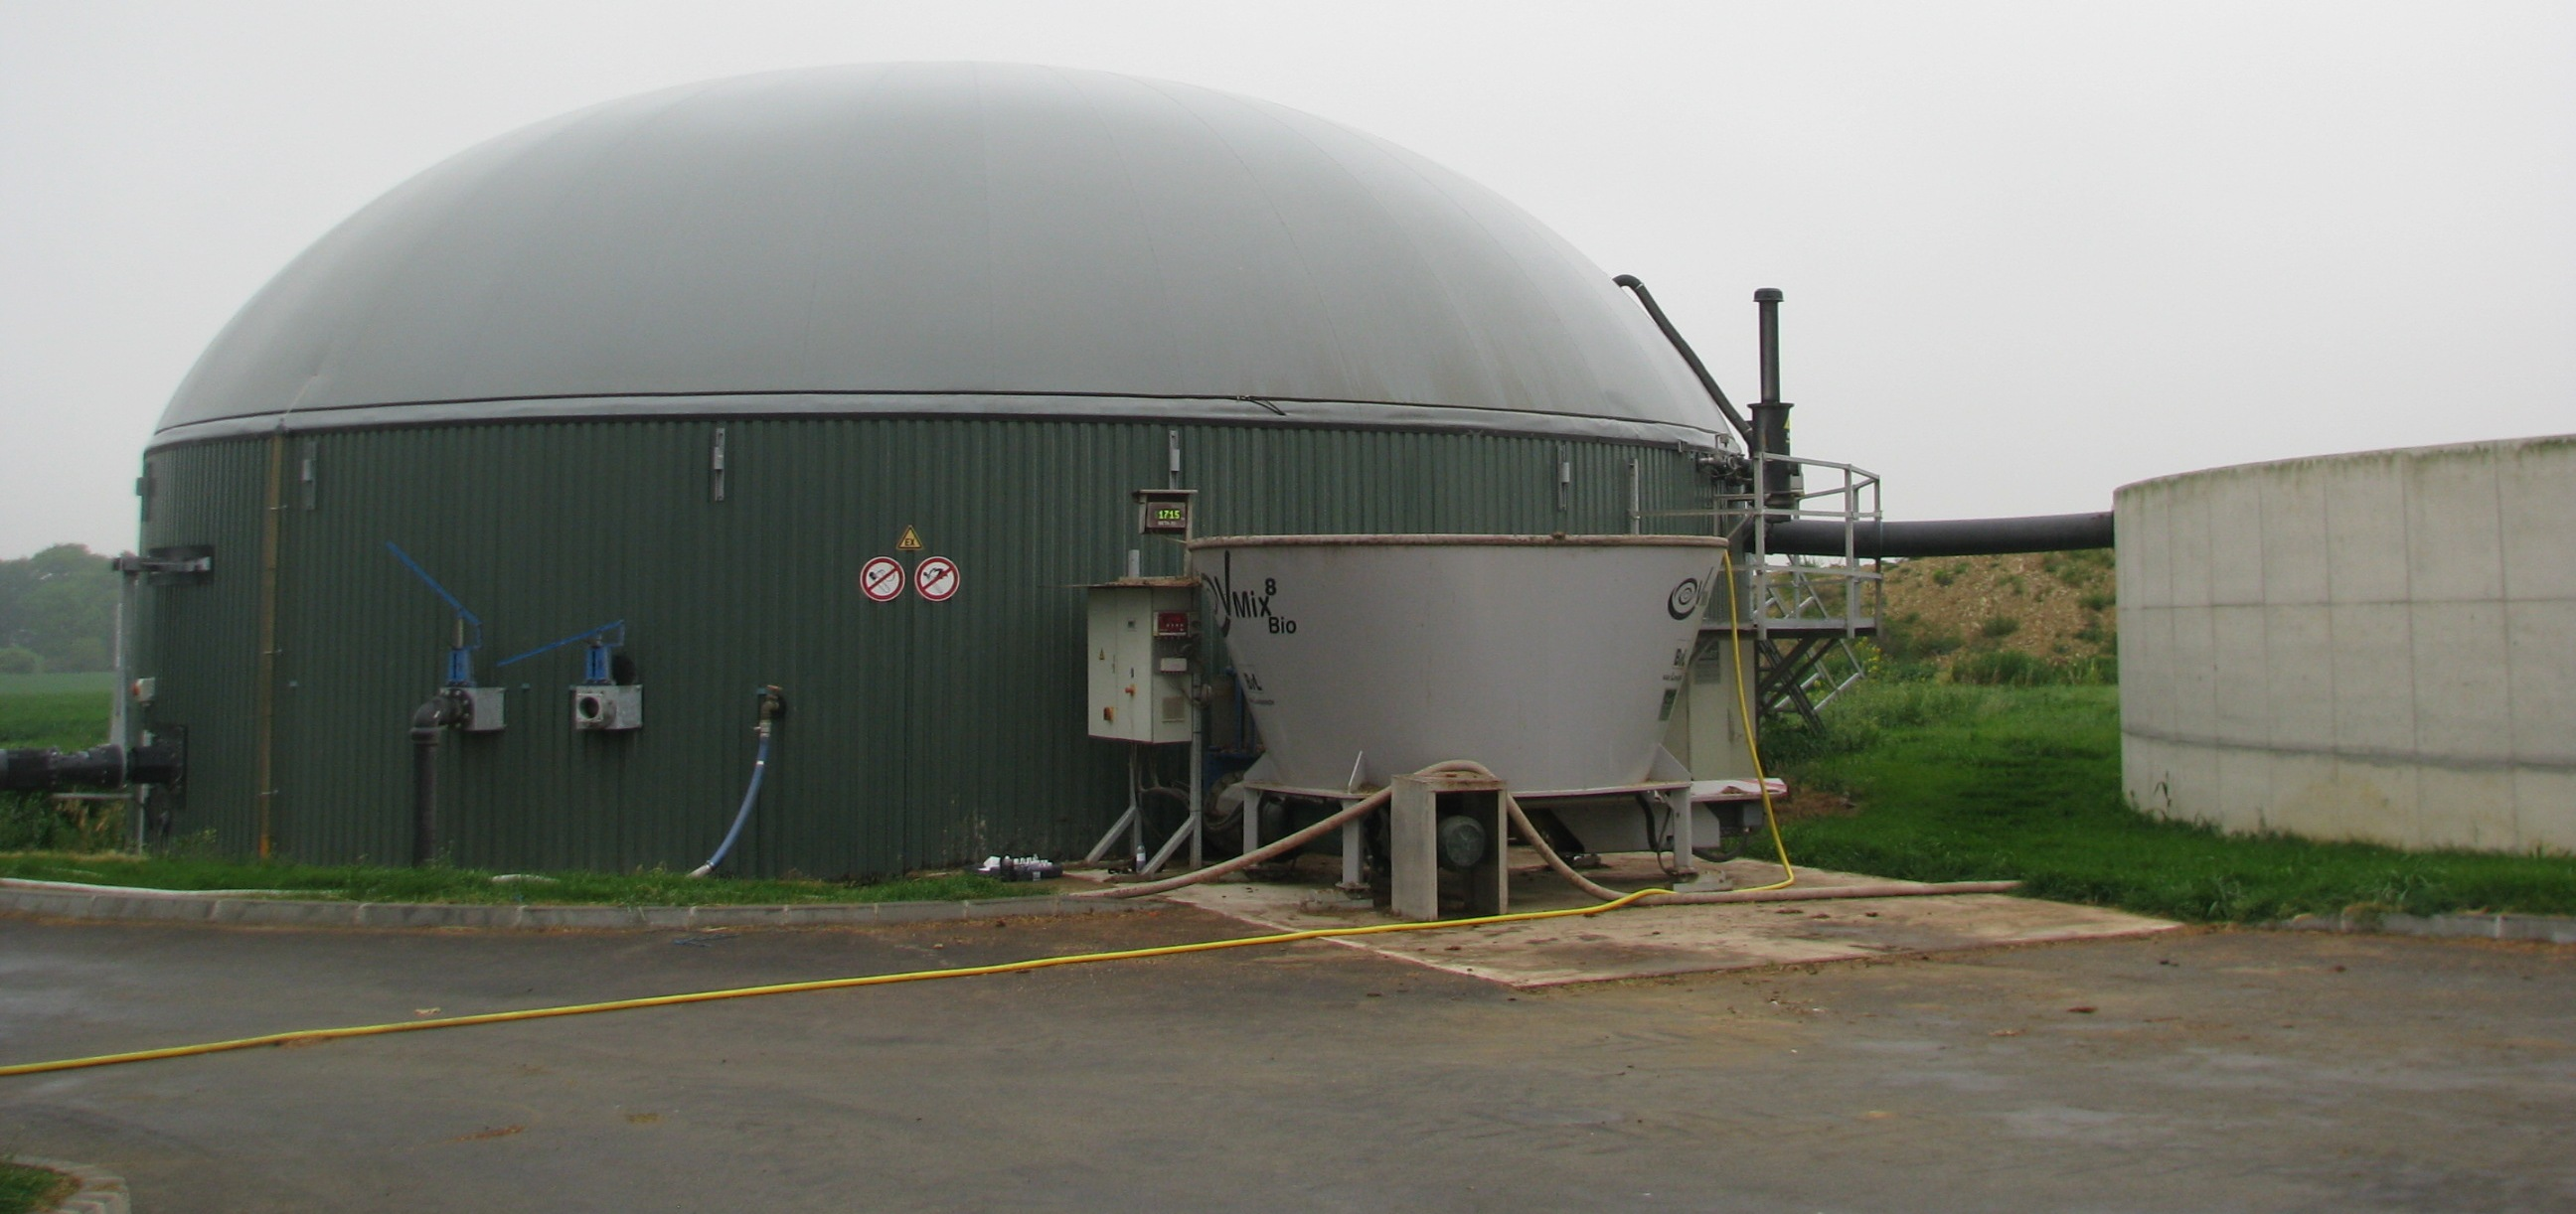 liquid methane unit in Ile-et-Vilaine. Source : www.aile.asso.fr